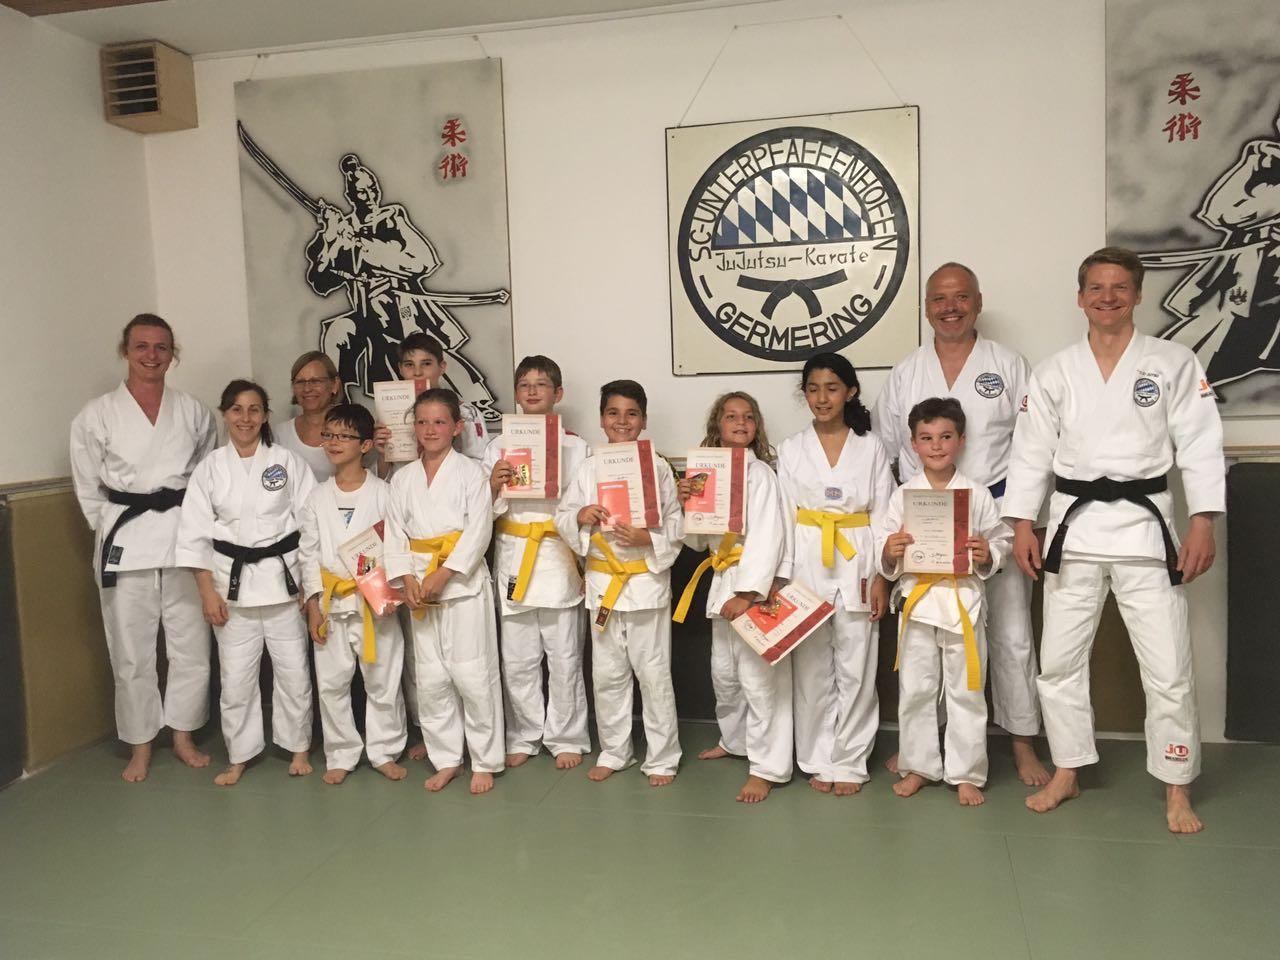 Erfolgreiche Ju-Jutsu Kinderprüfungen